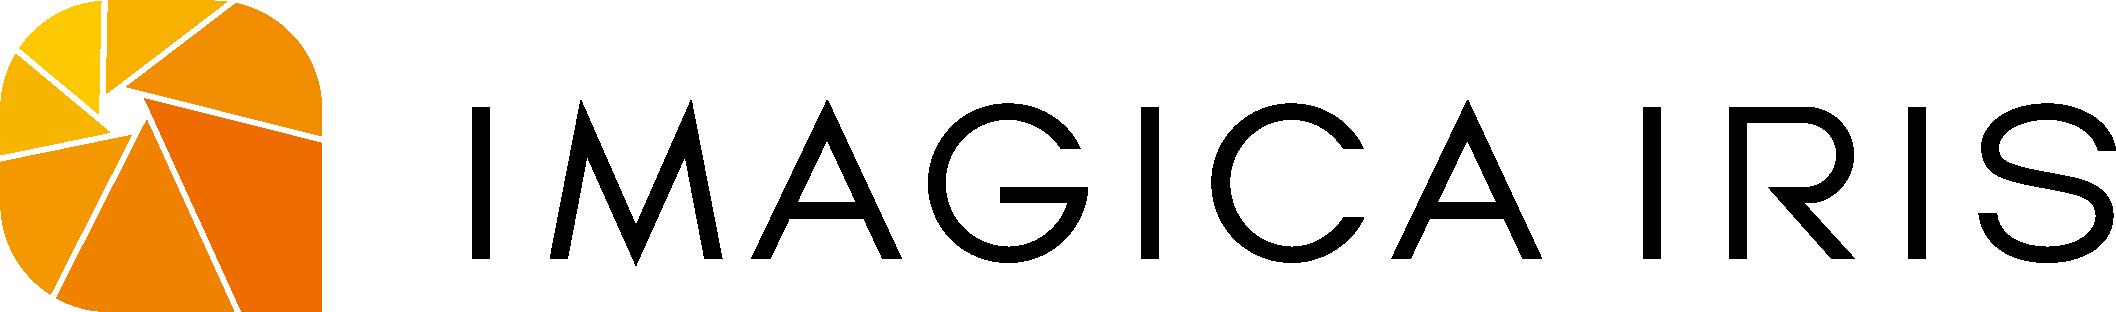 ロゴ:株式会社IMAGICA IRIS